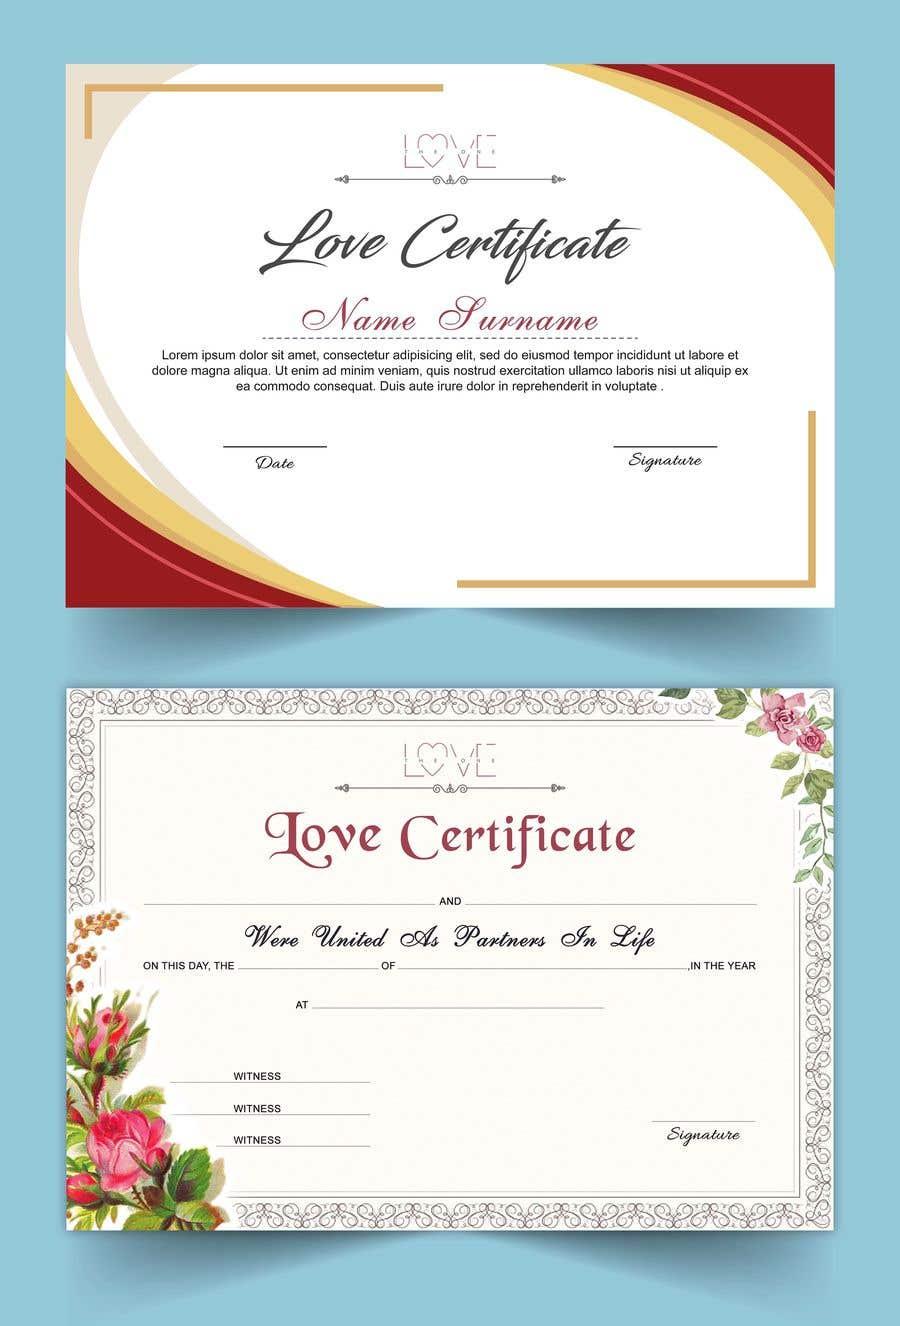 Kilpailutyö #15 kilpailussa design a love certificate template with my logo